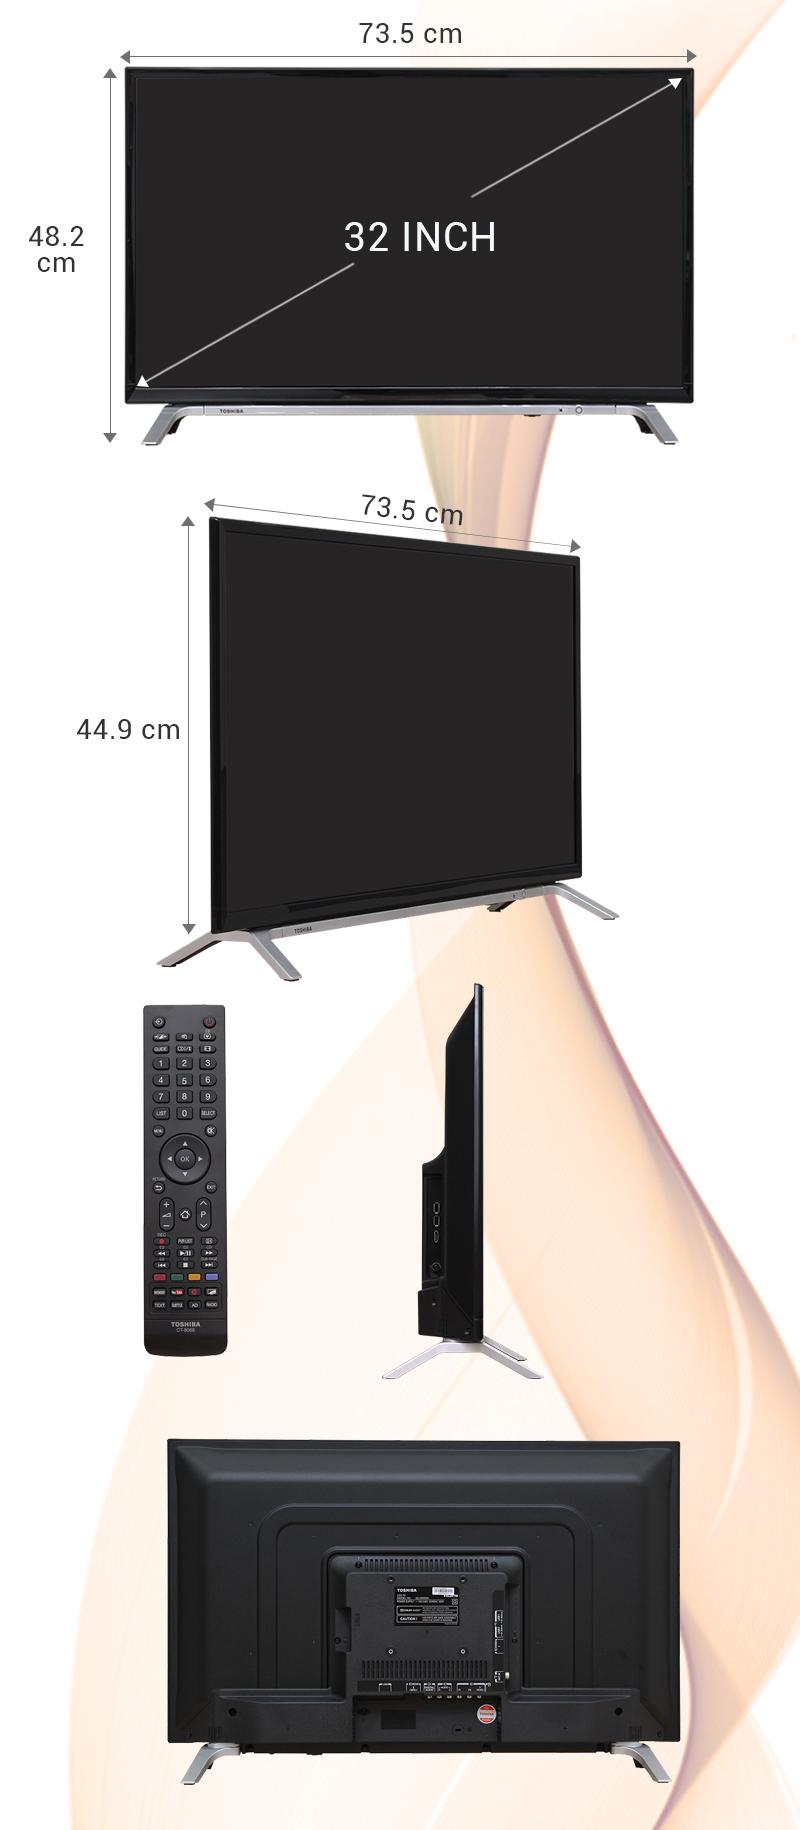 Smart Tivi Toshiba 32 inch 32L5650 - Kích thước tivi